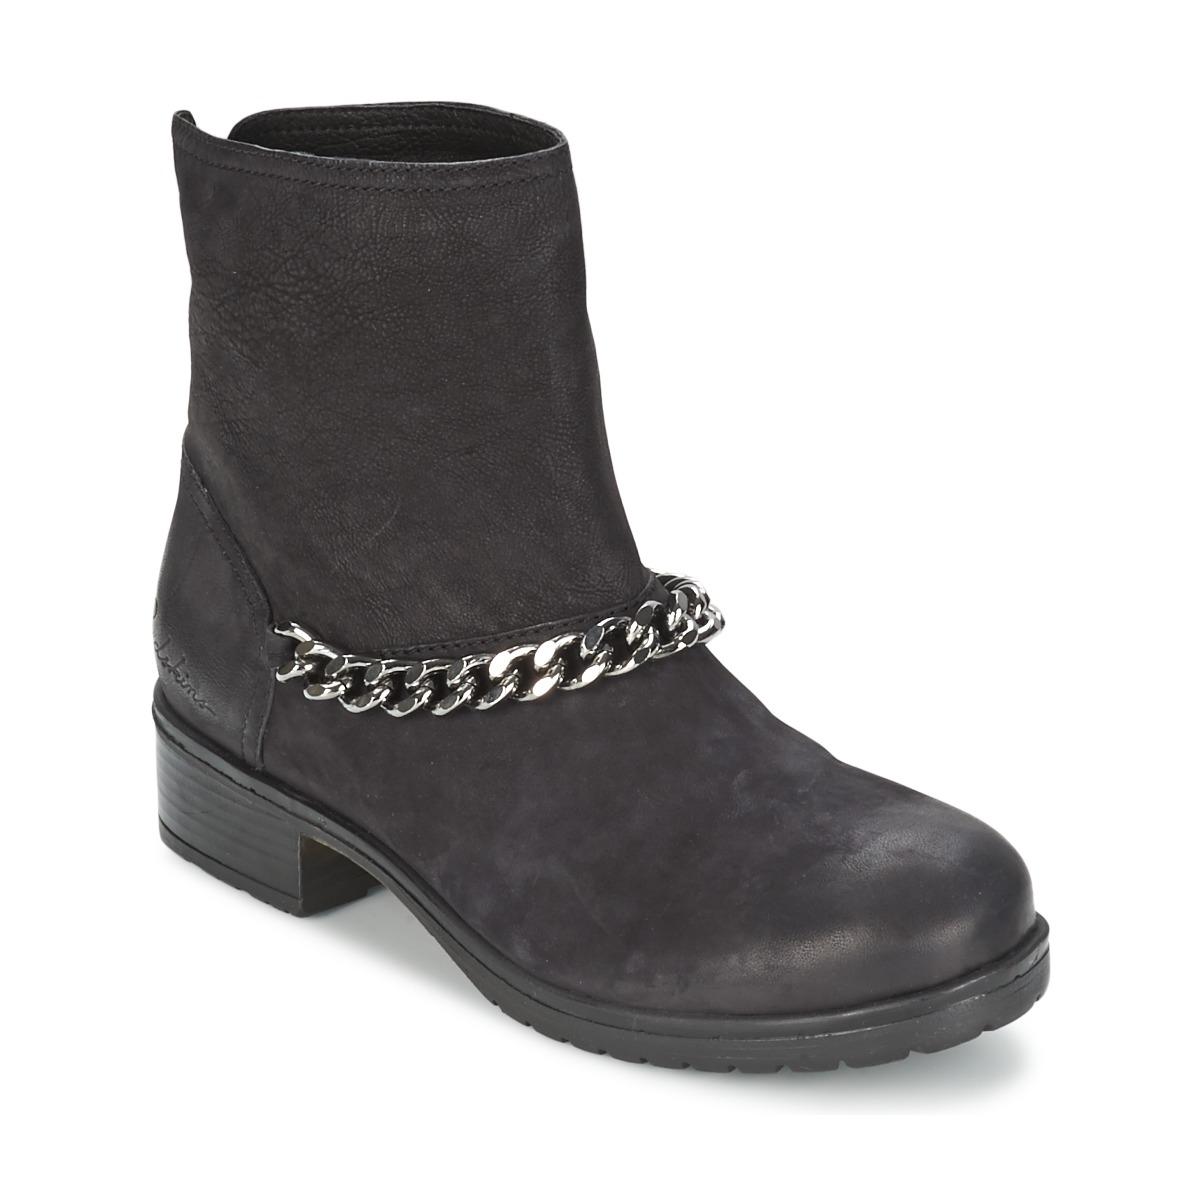 Lepica, Boots femme - Noir, 38 EURedskins